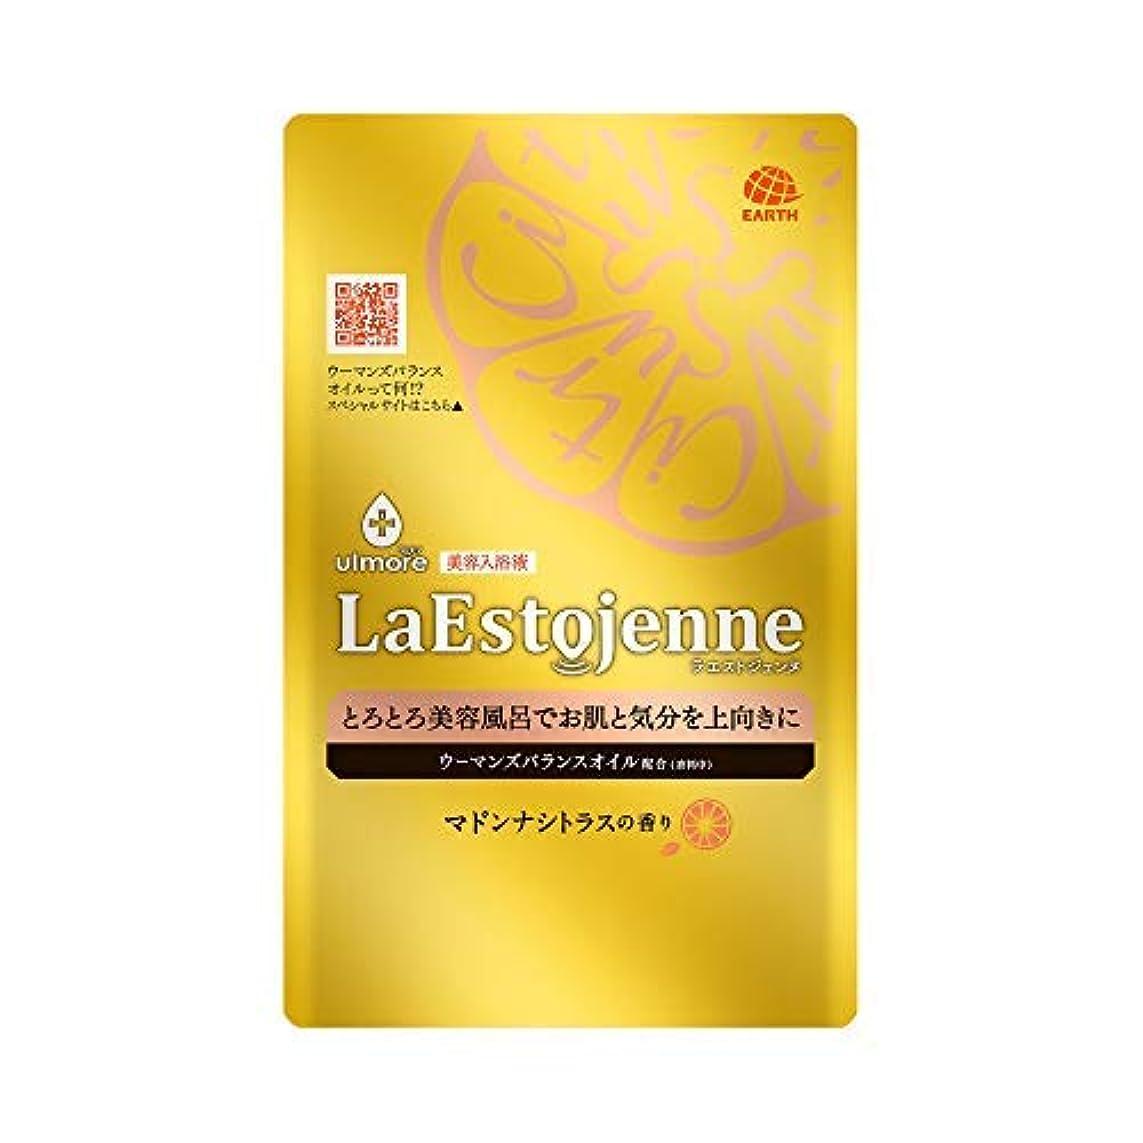 おいしい透過性認識ウルモア ラエストジェンヌ マドンナシトラスの香り 1包 × 2個セット